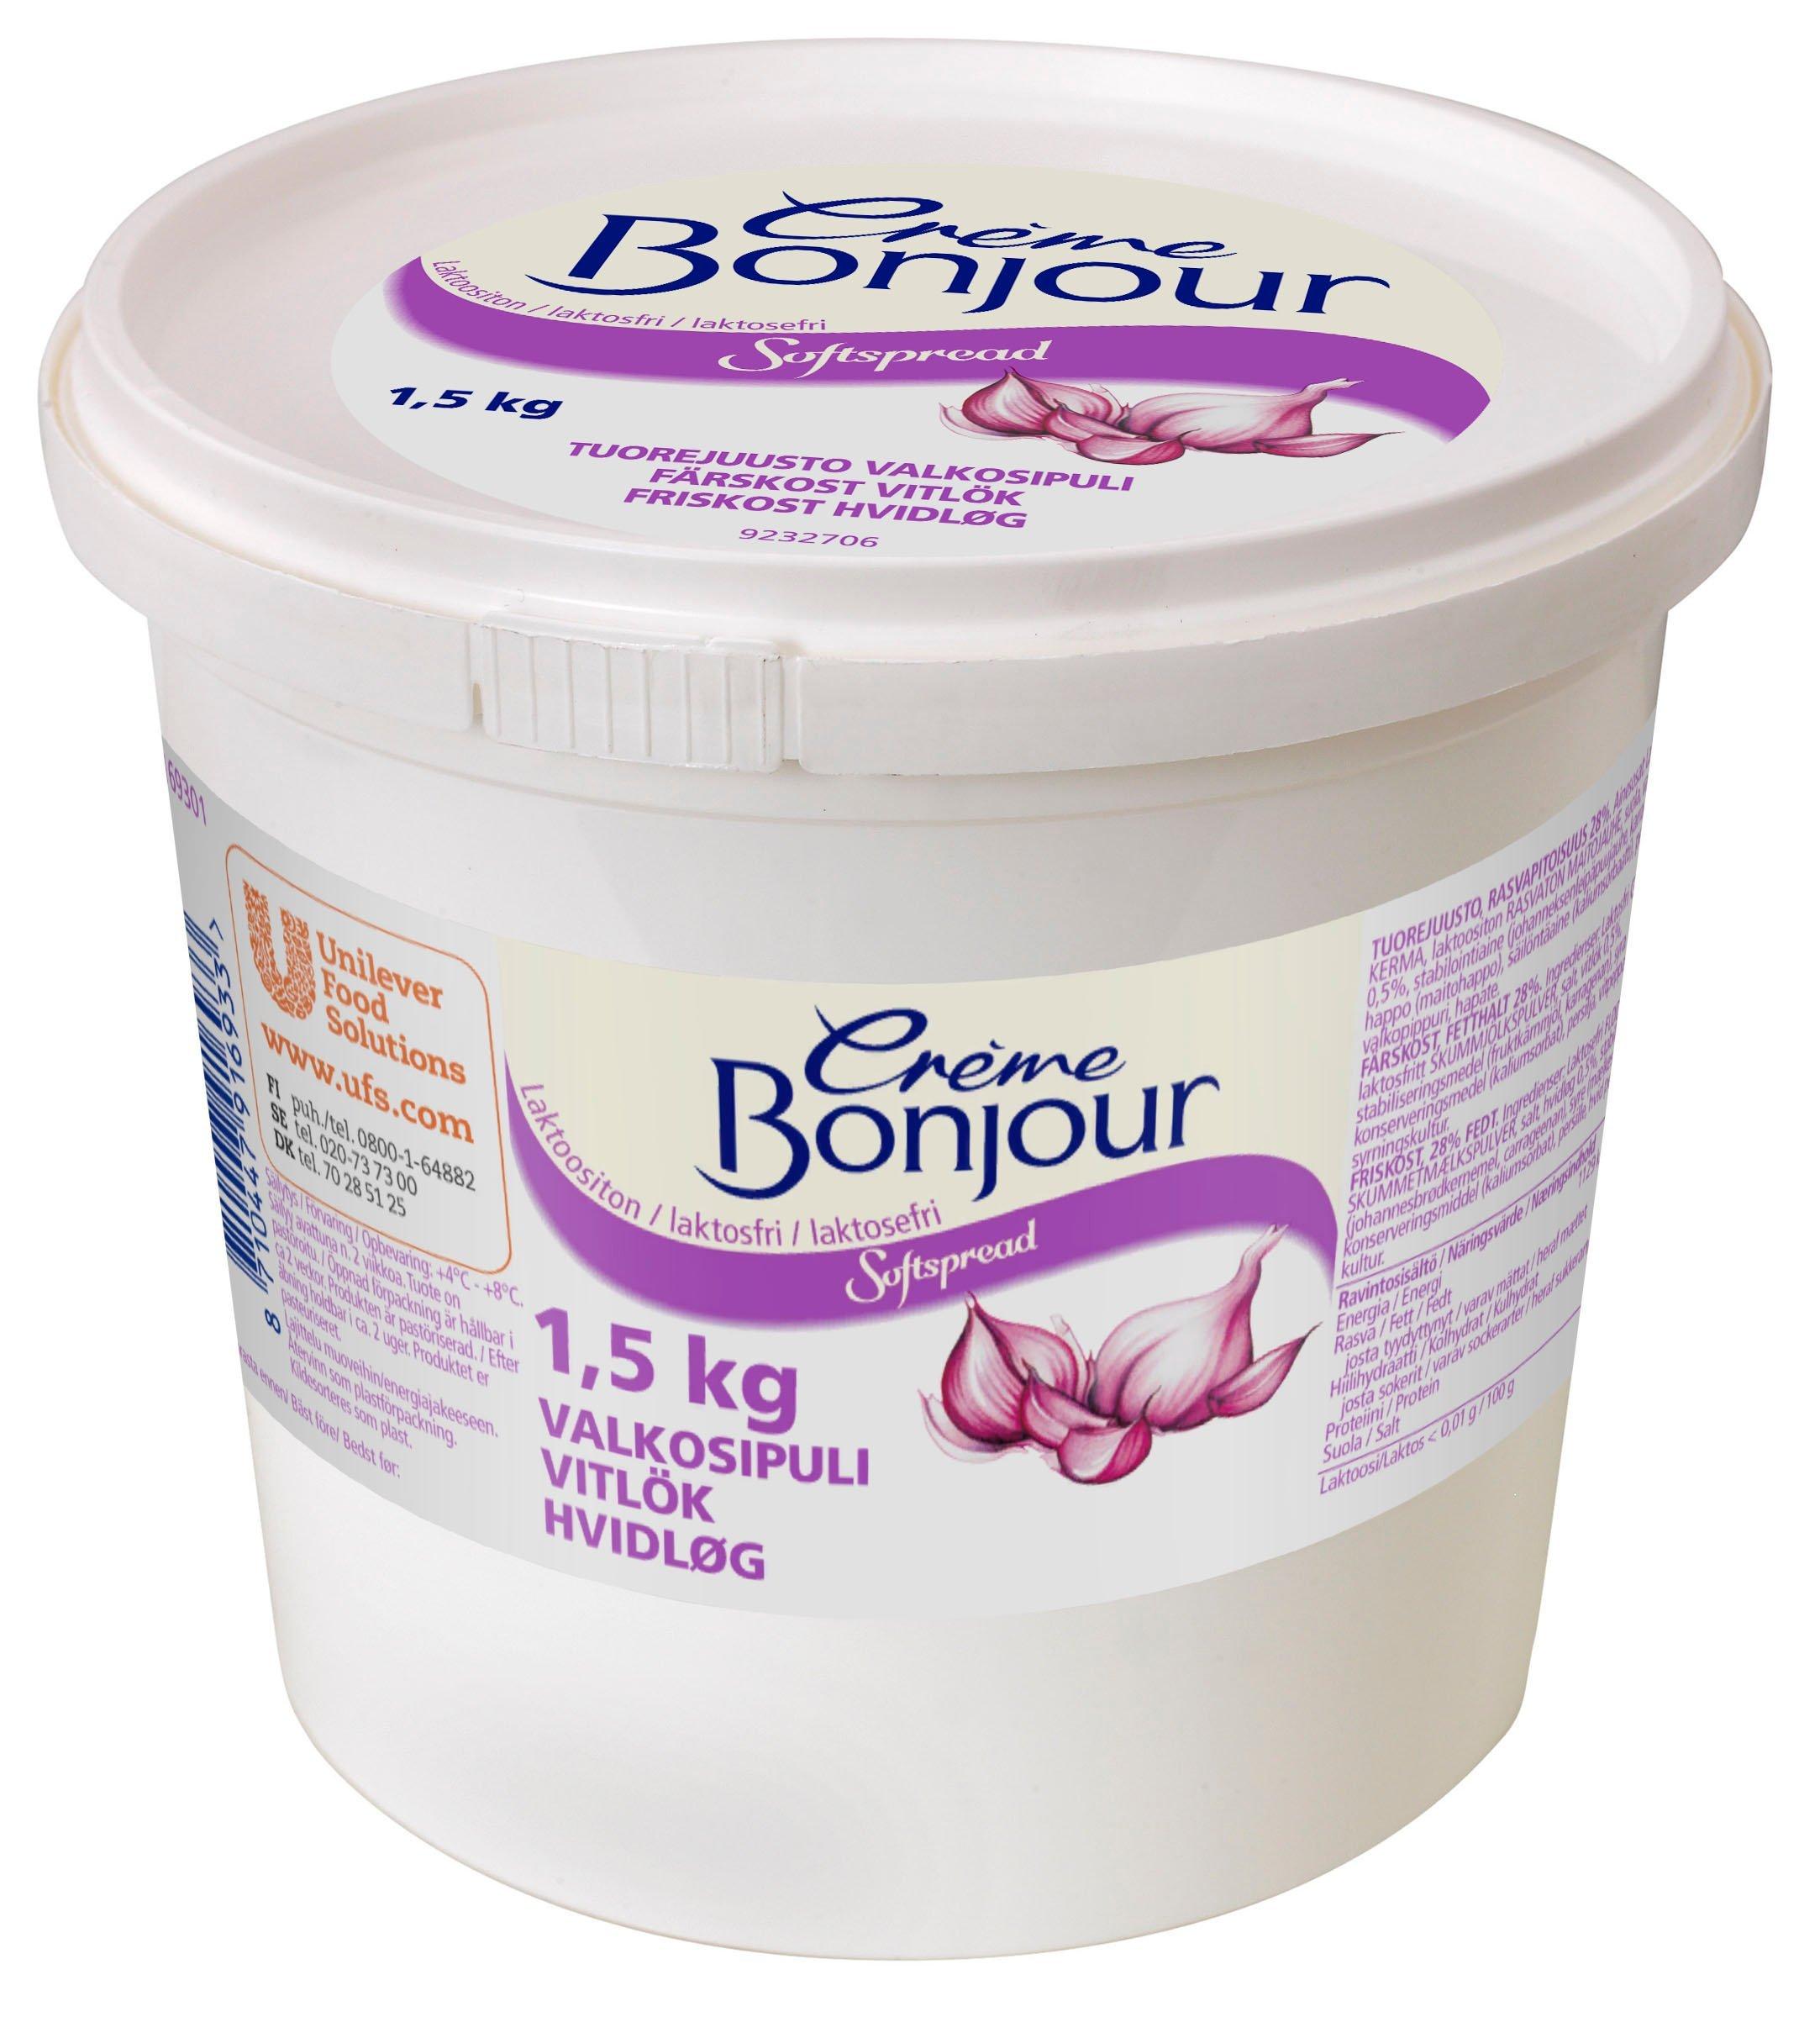 Creme Bonjour Hvidløg 1,5kg